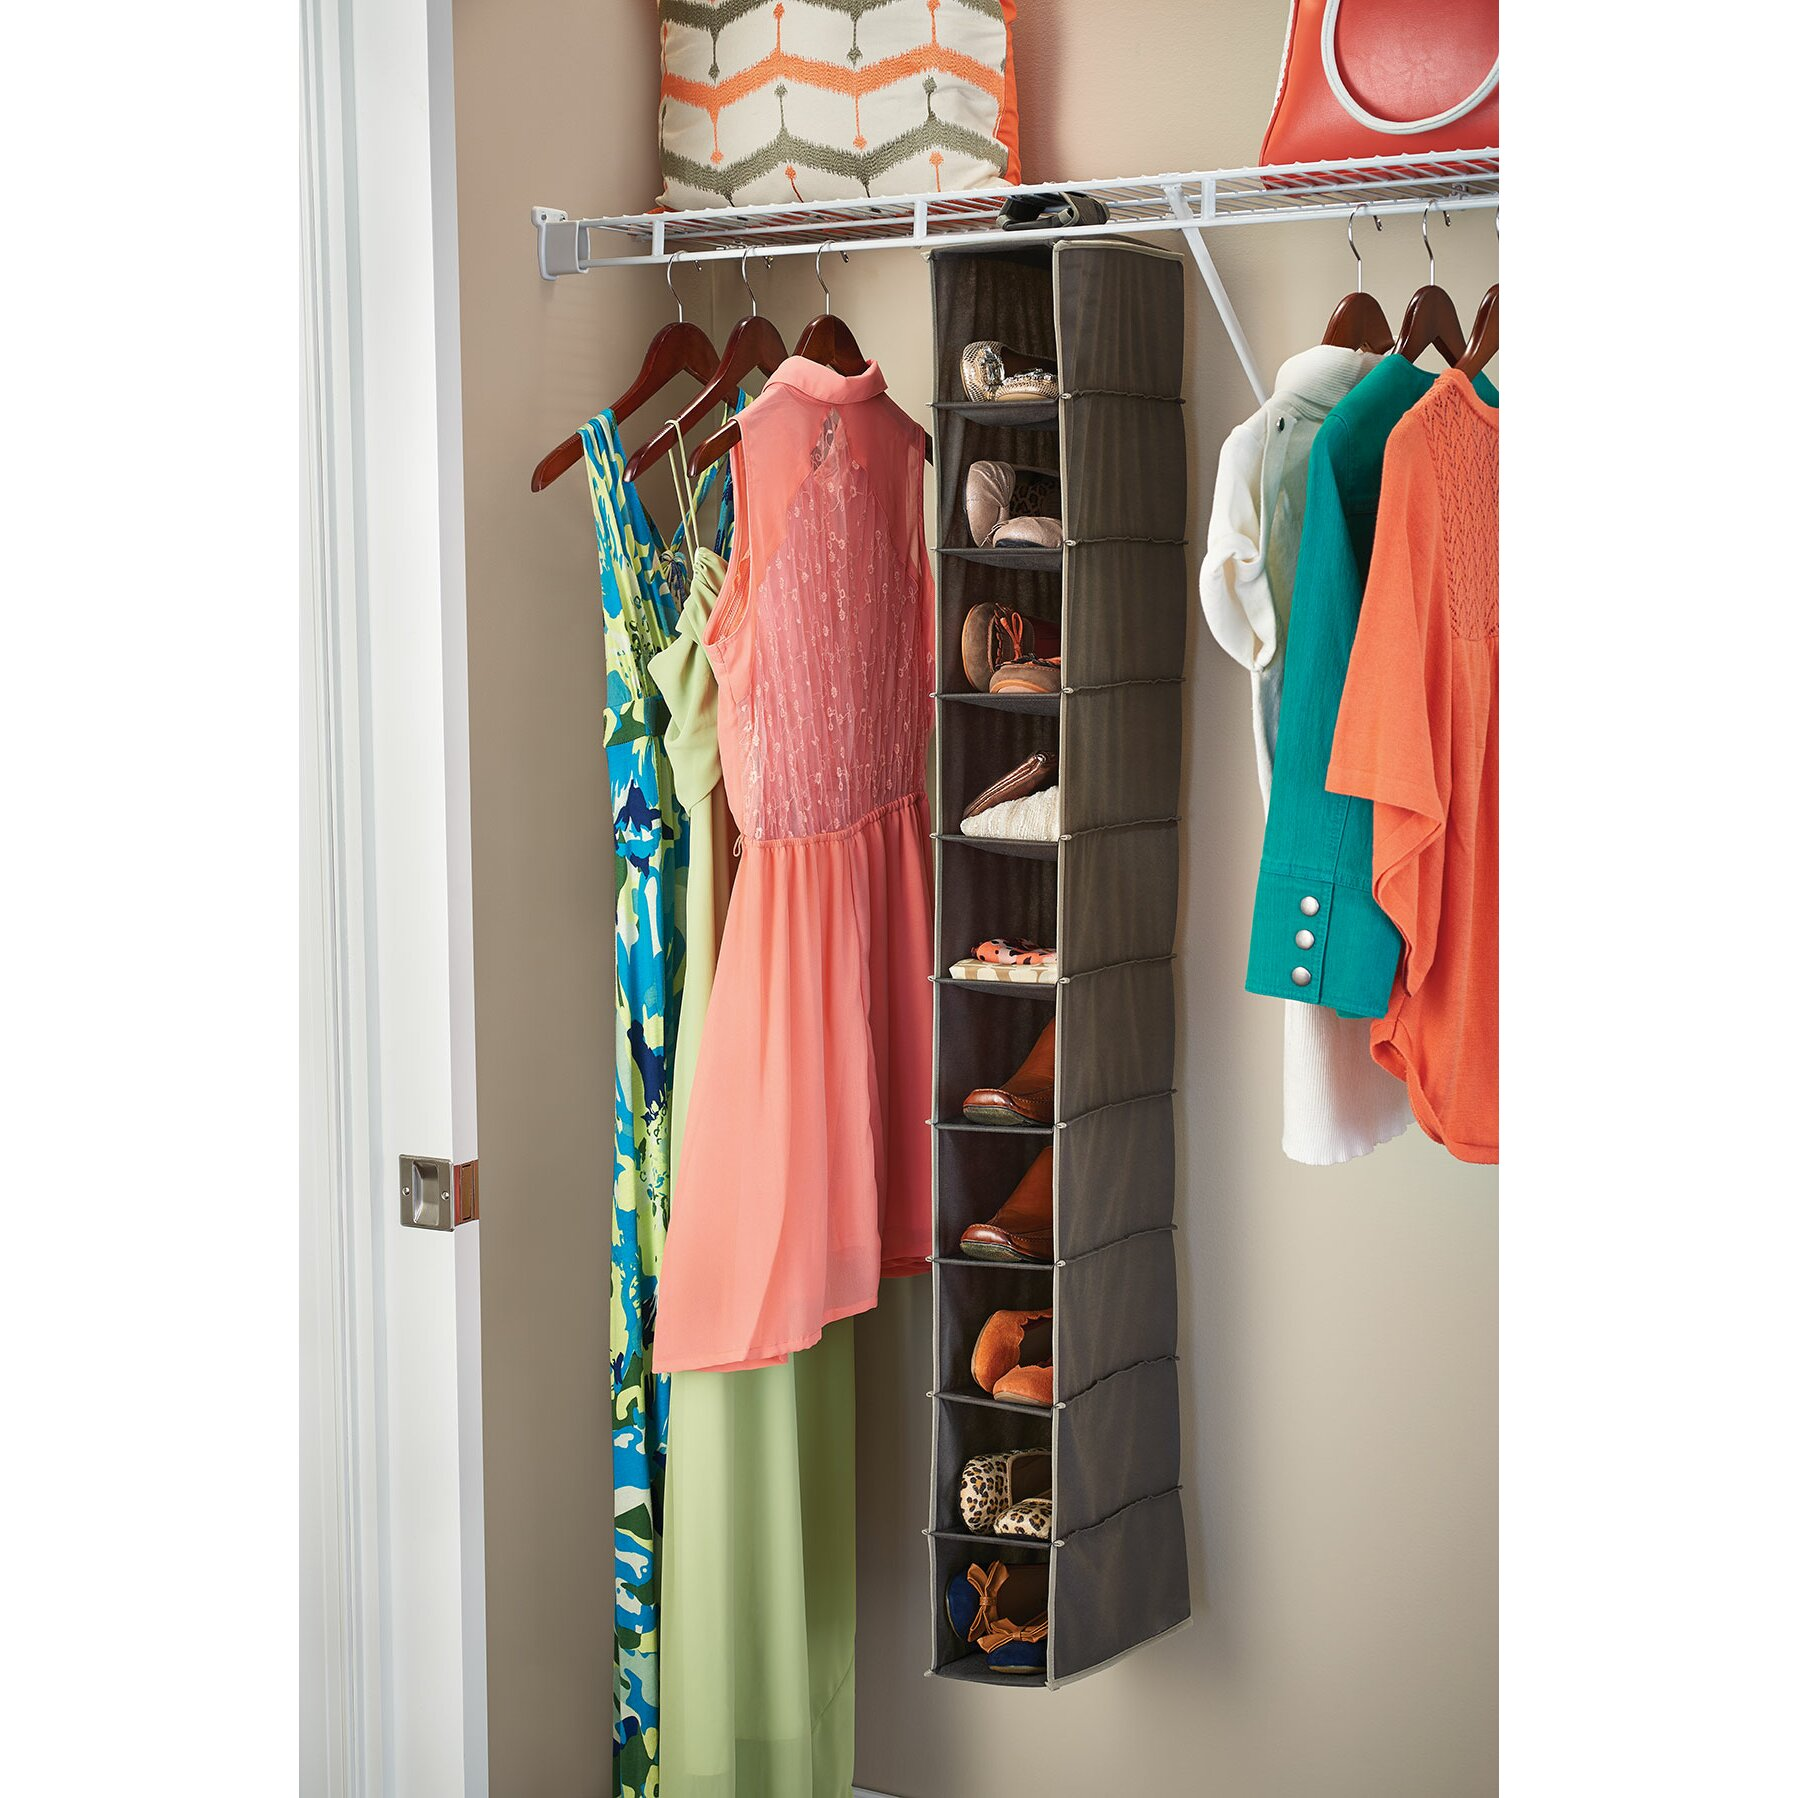 closetmaid 10 shelf closet hanging organizer reviews. Black Bedroom Furniture Sets. Home Design Ideas